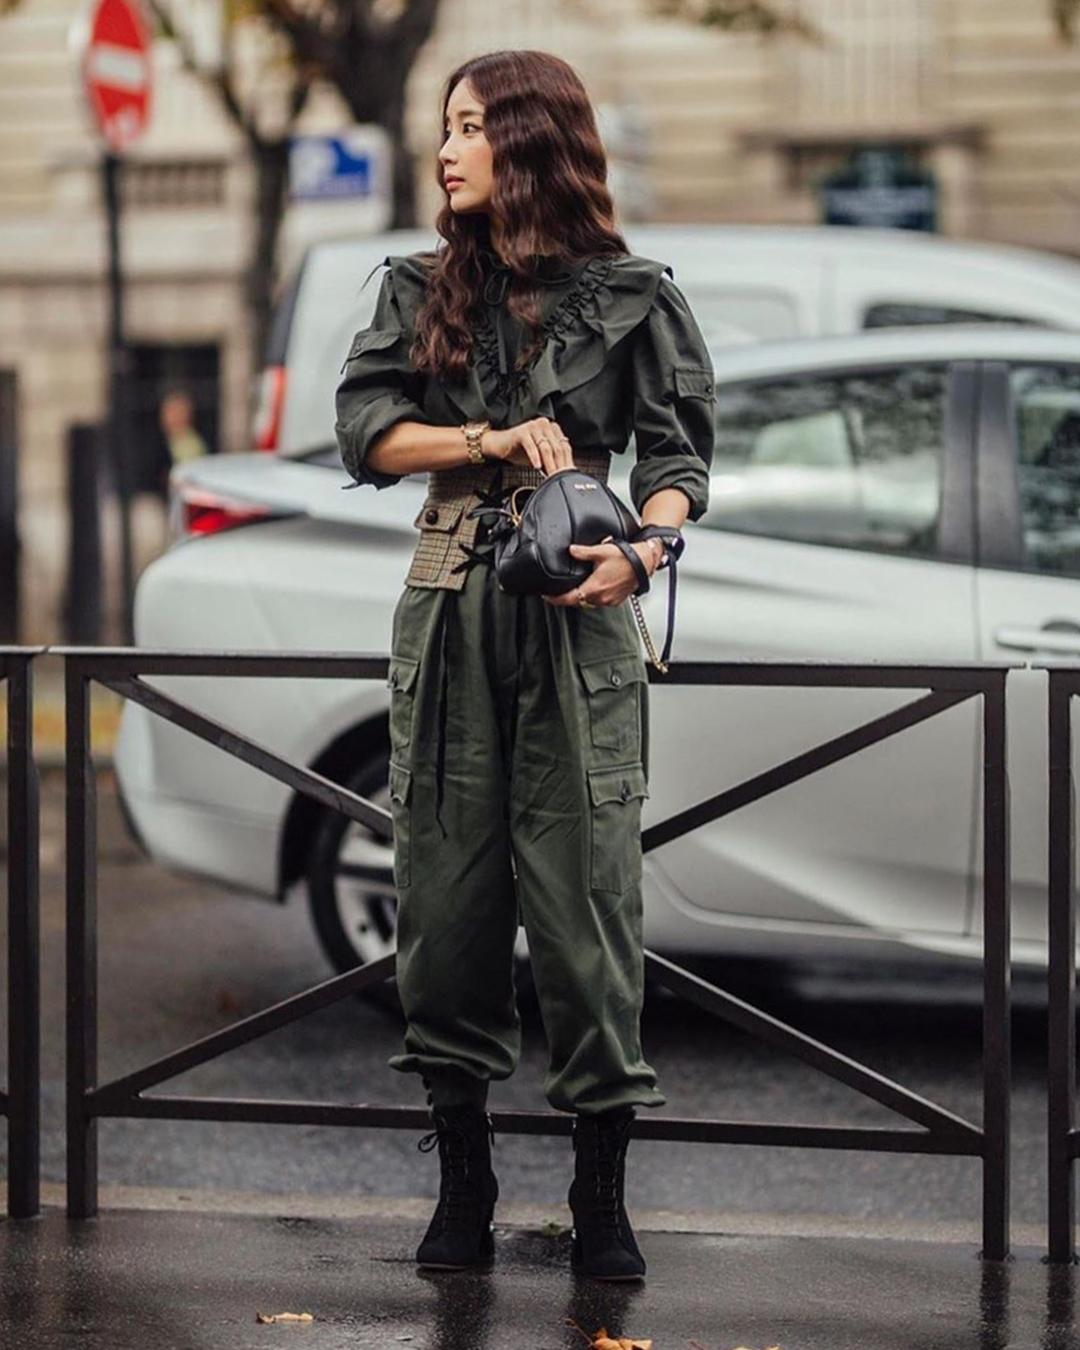 Cô nhận mưa lời khen với phong cách quý cô Pháp tại Paris Fashion Week 2019. Diễn viên Hàn mang túi bán nguyệt của nhà mốt Miu Miu.